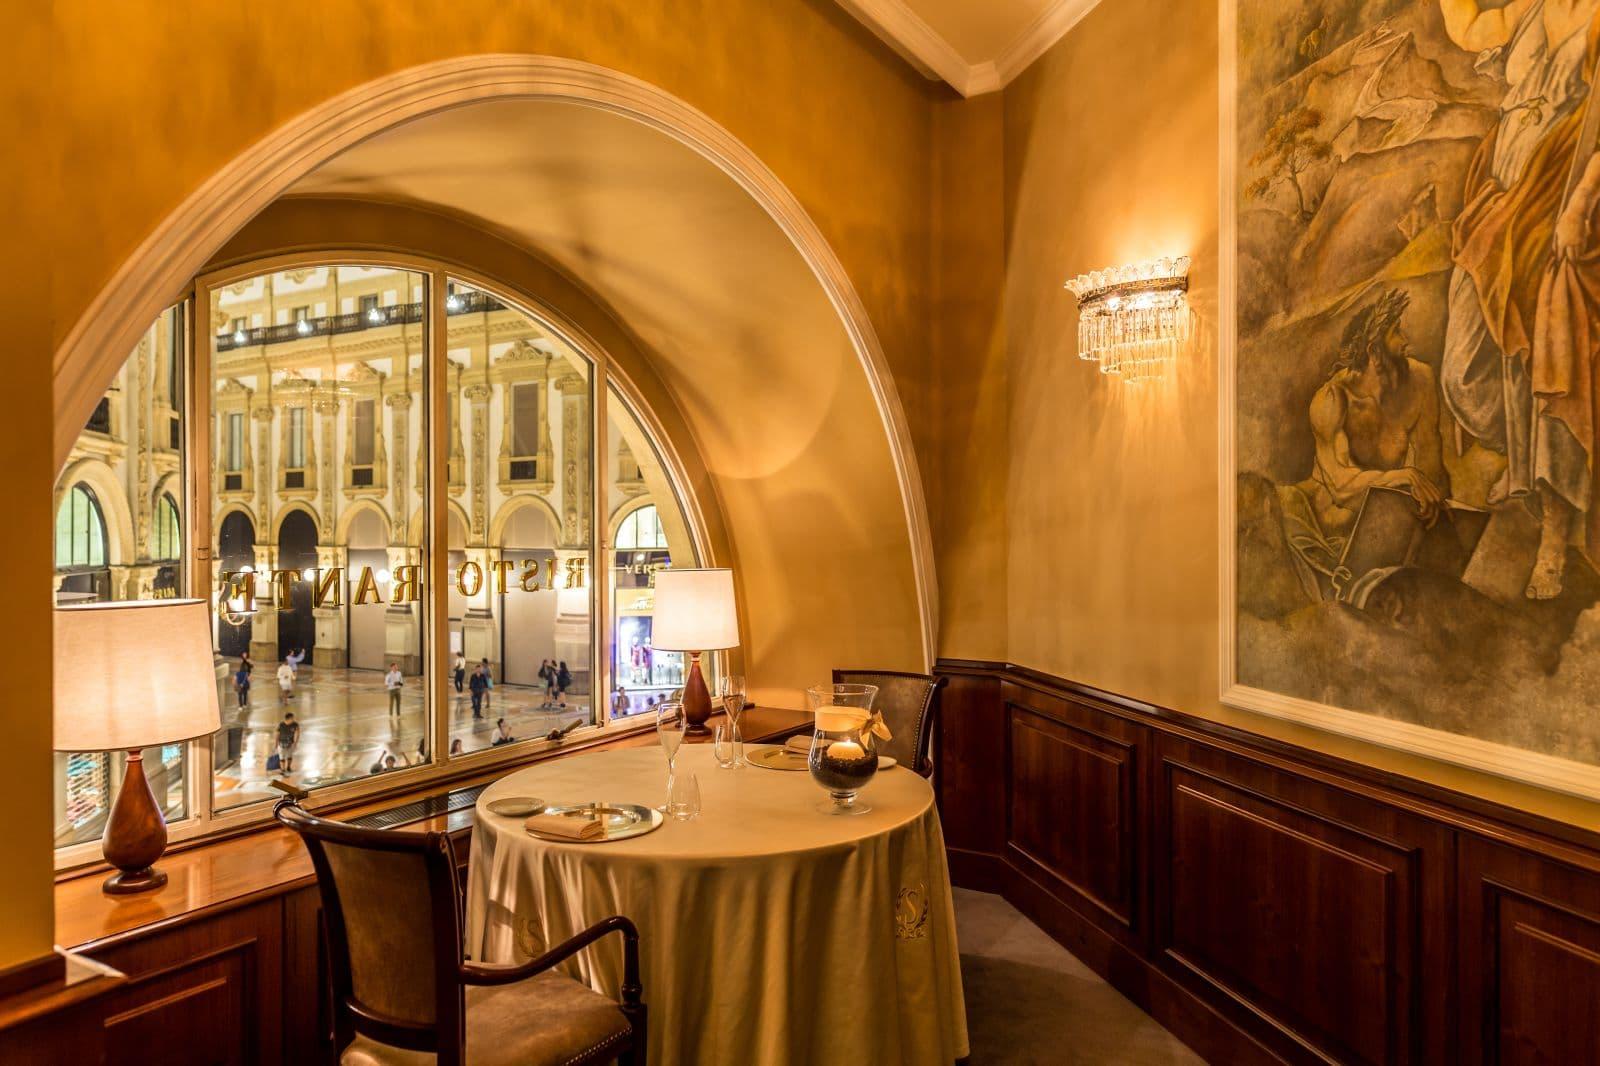 ristorante savini milano sala 03 CAFFE STORICI MILANO